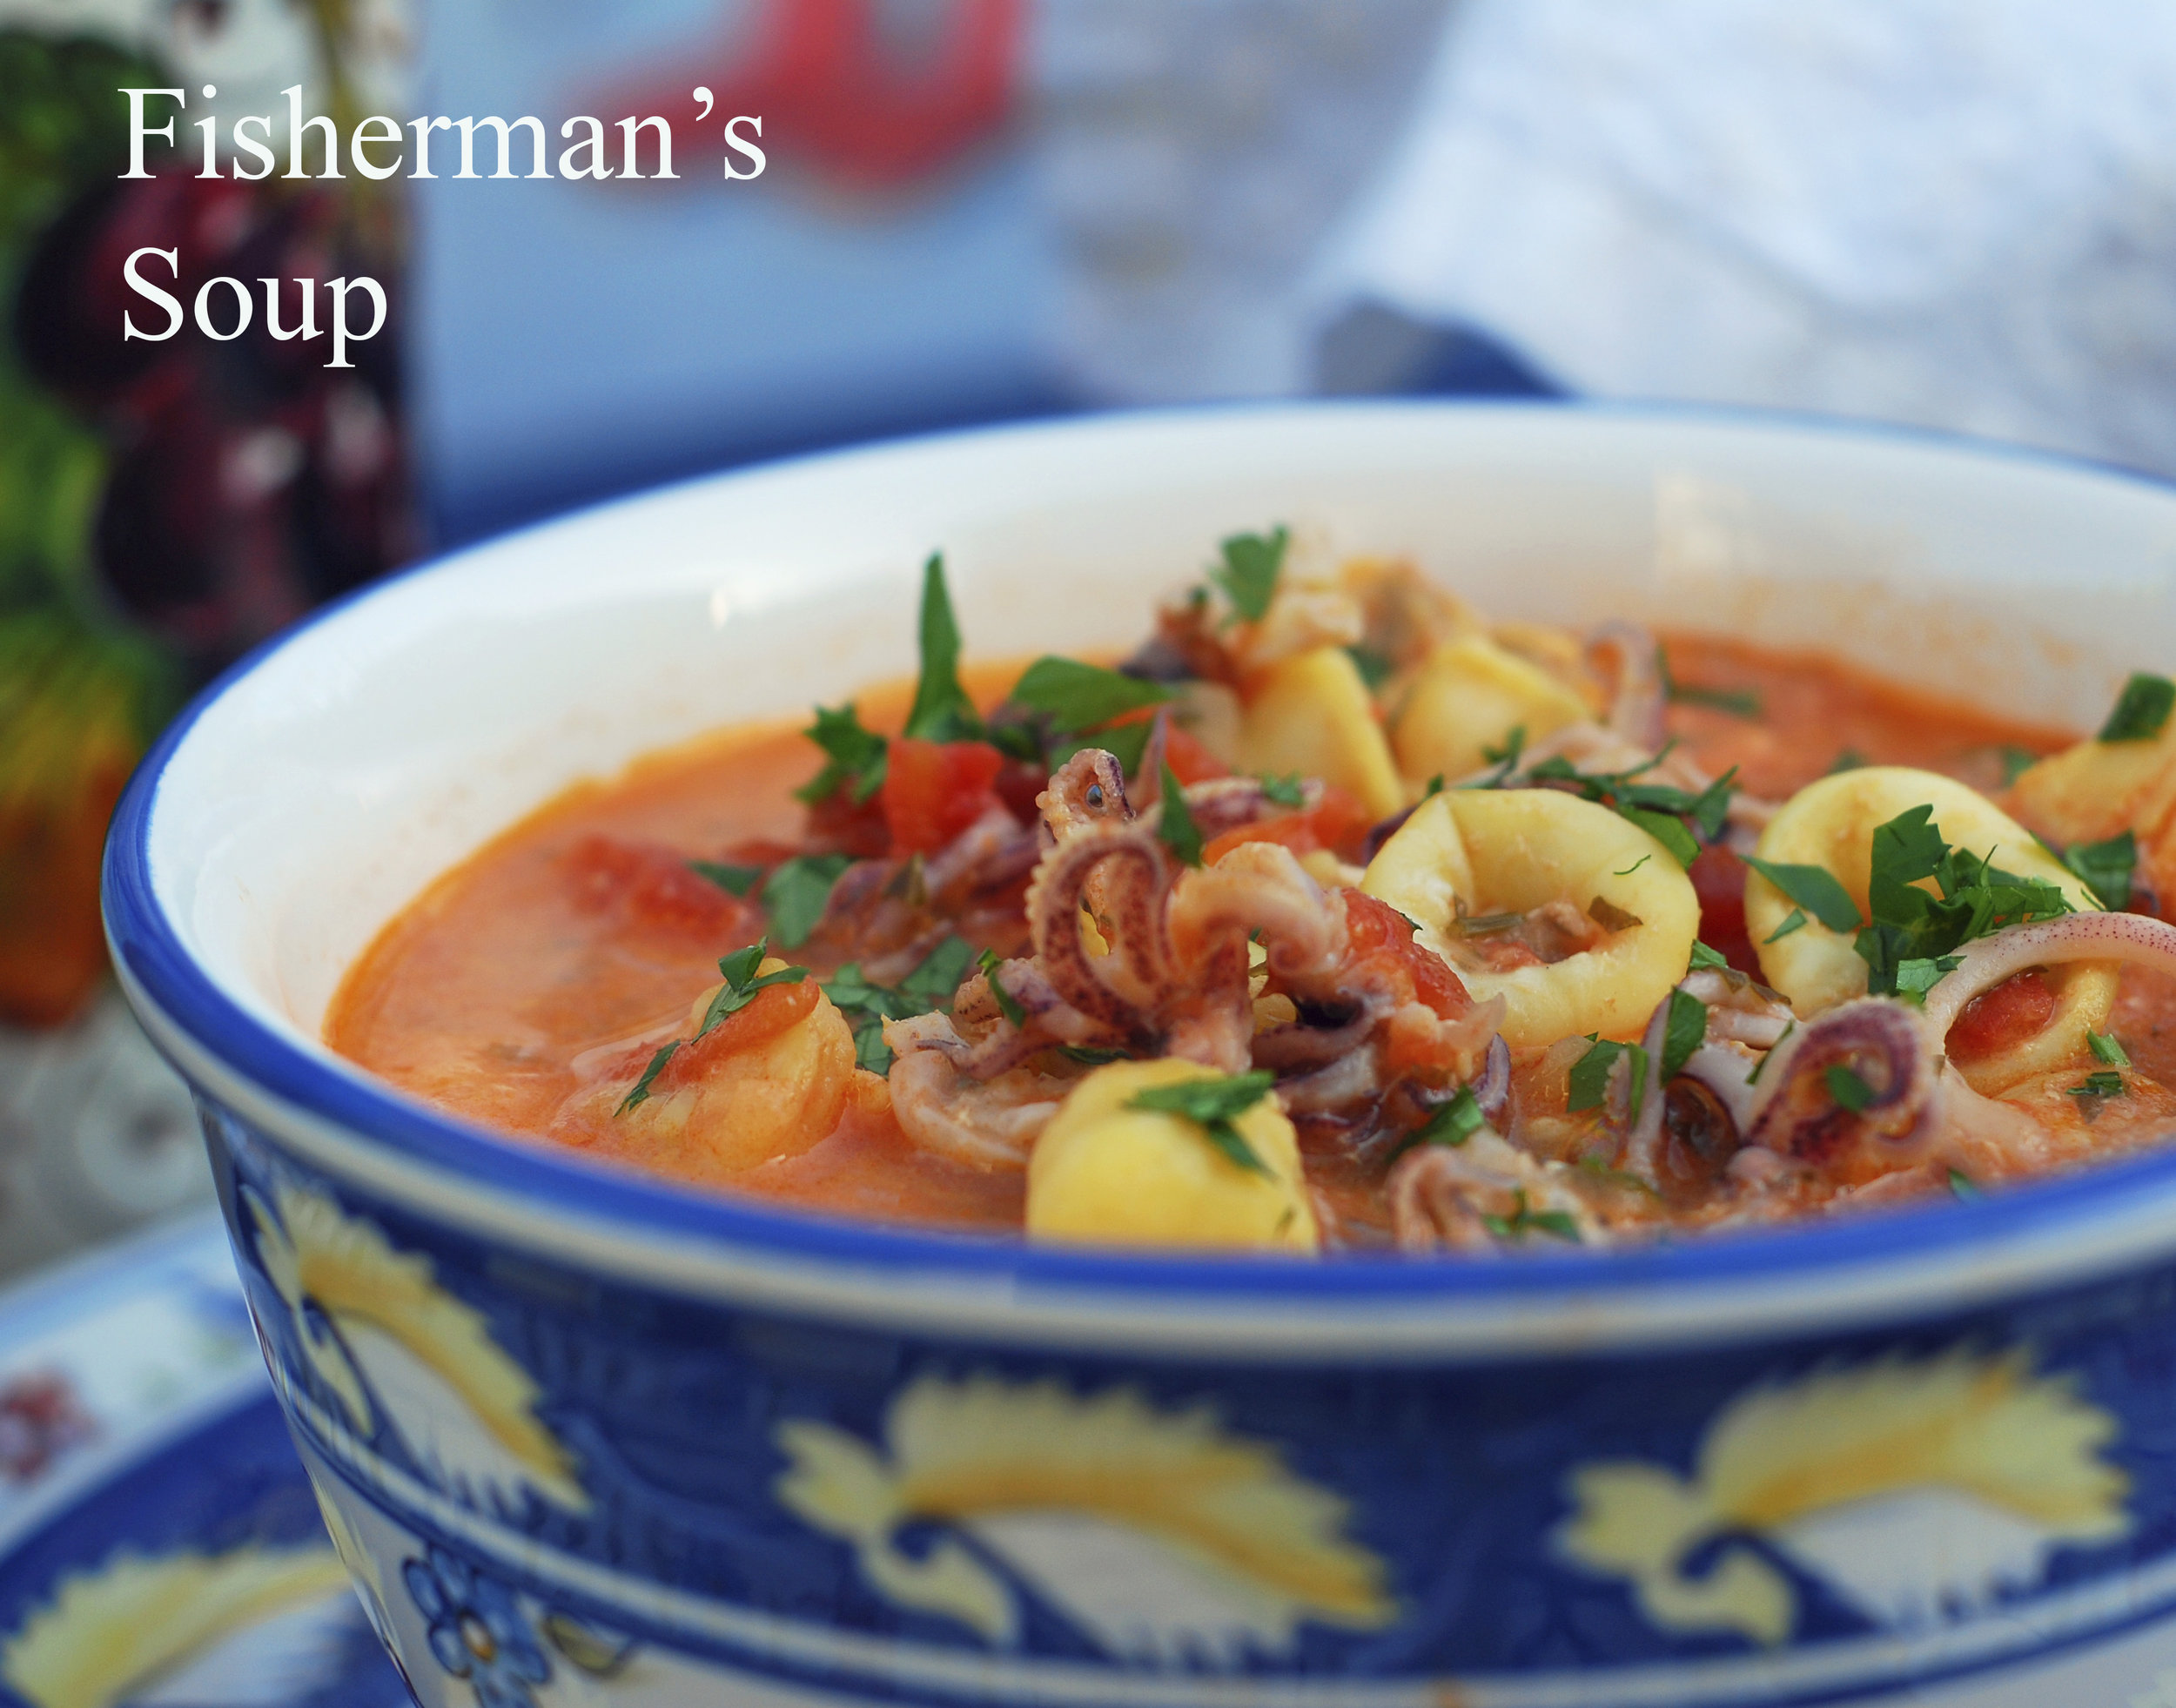 Fisherman's Soup.jpg